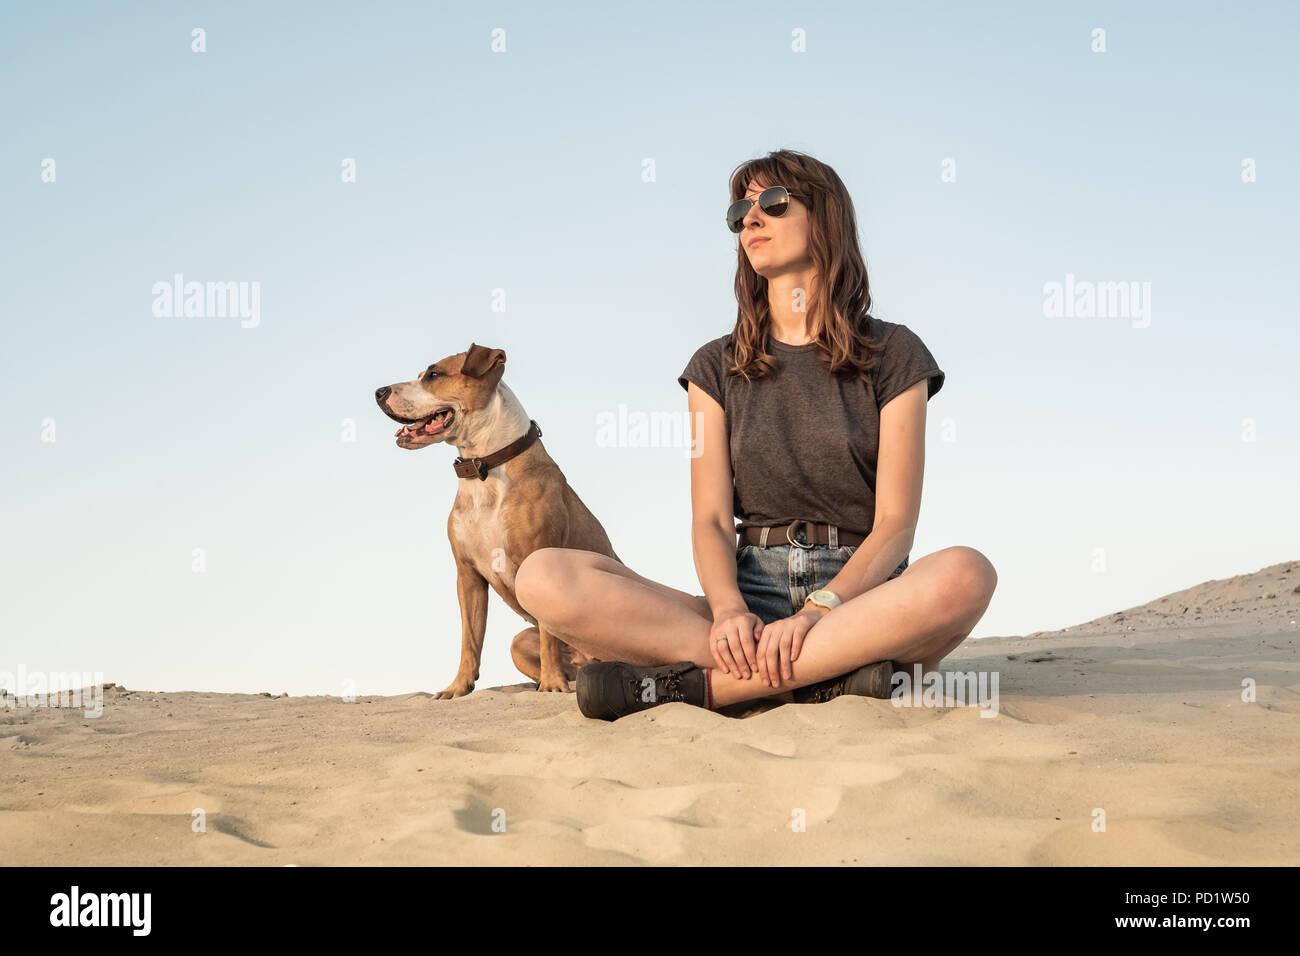 Belle jeune femme à lunettes avec chien assis sur le sable. Fille dans des vêtements de randonnée et Staffordshire terrier puppy sitting sur plage de sable fin ou dans d Photo Stock